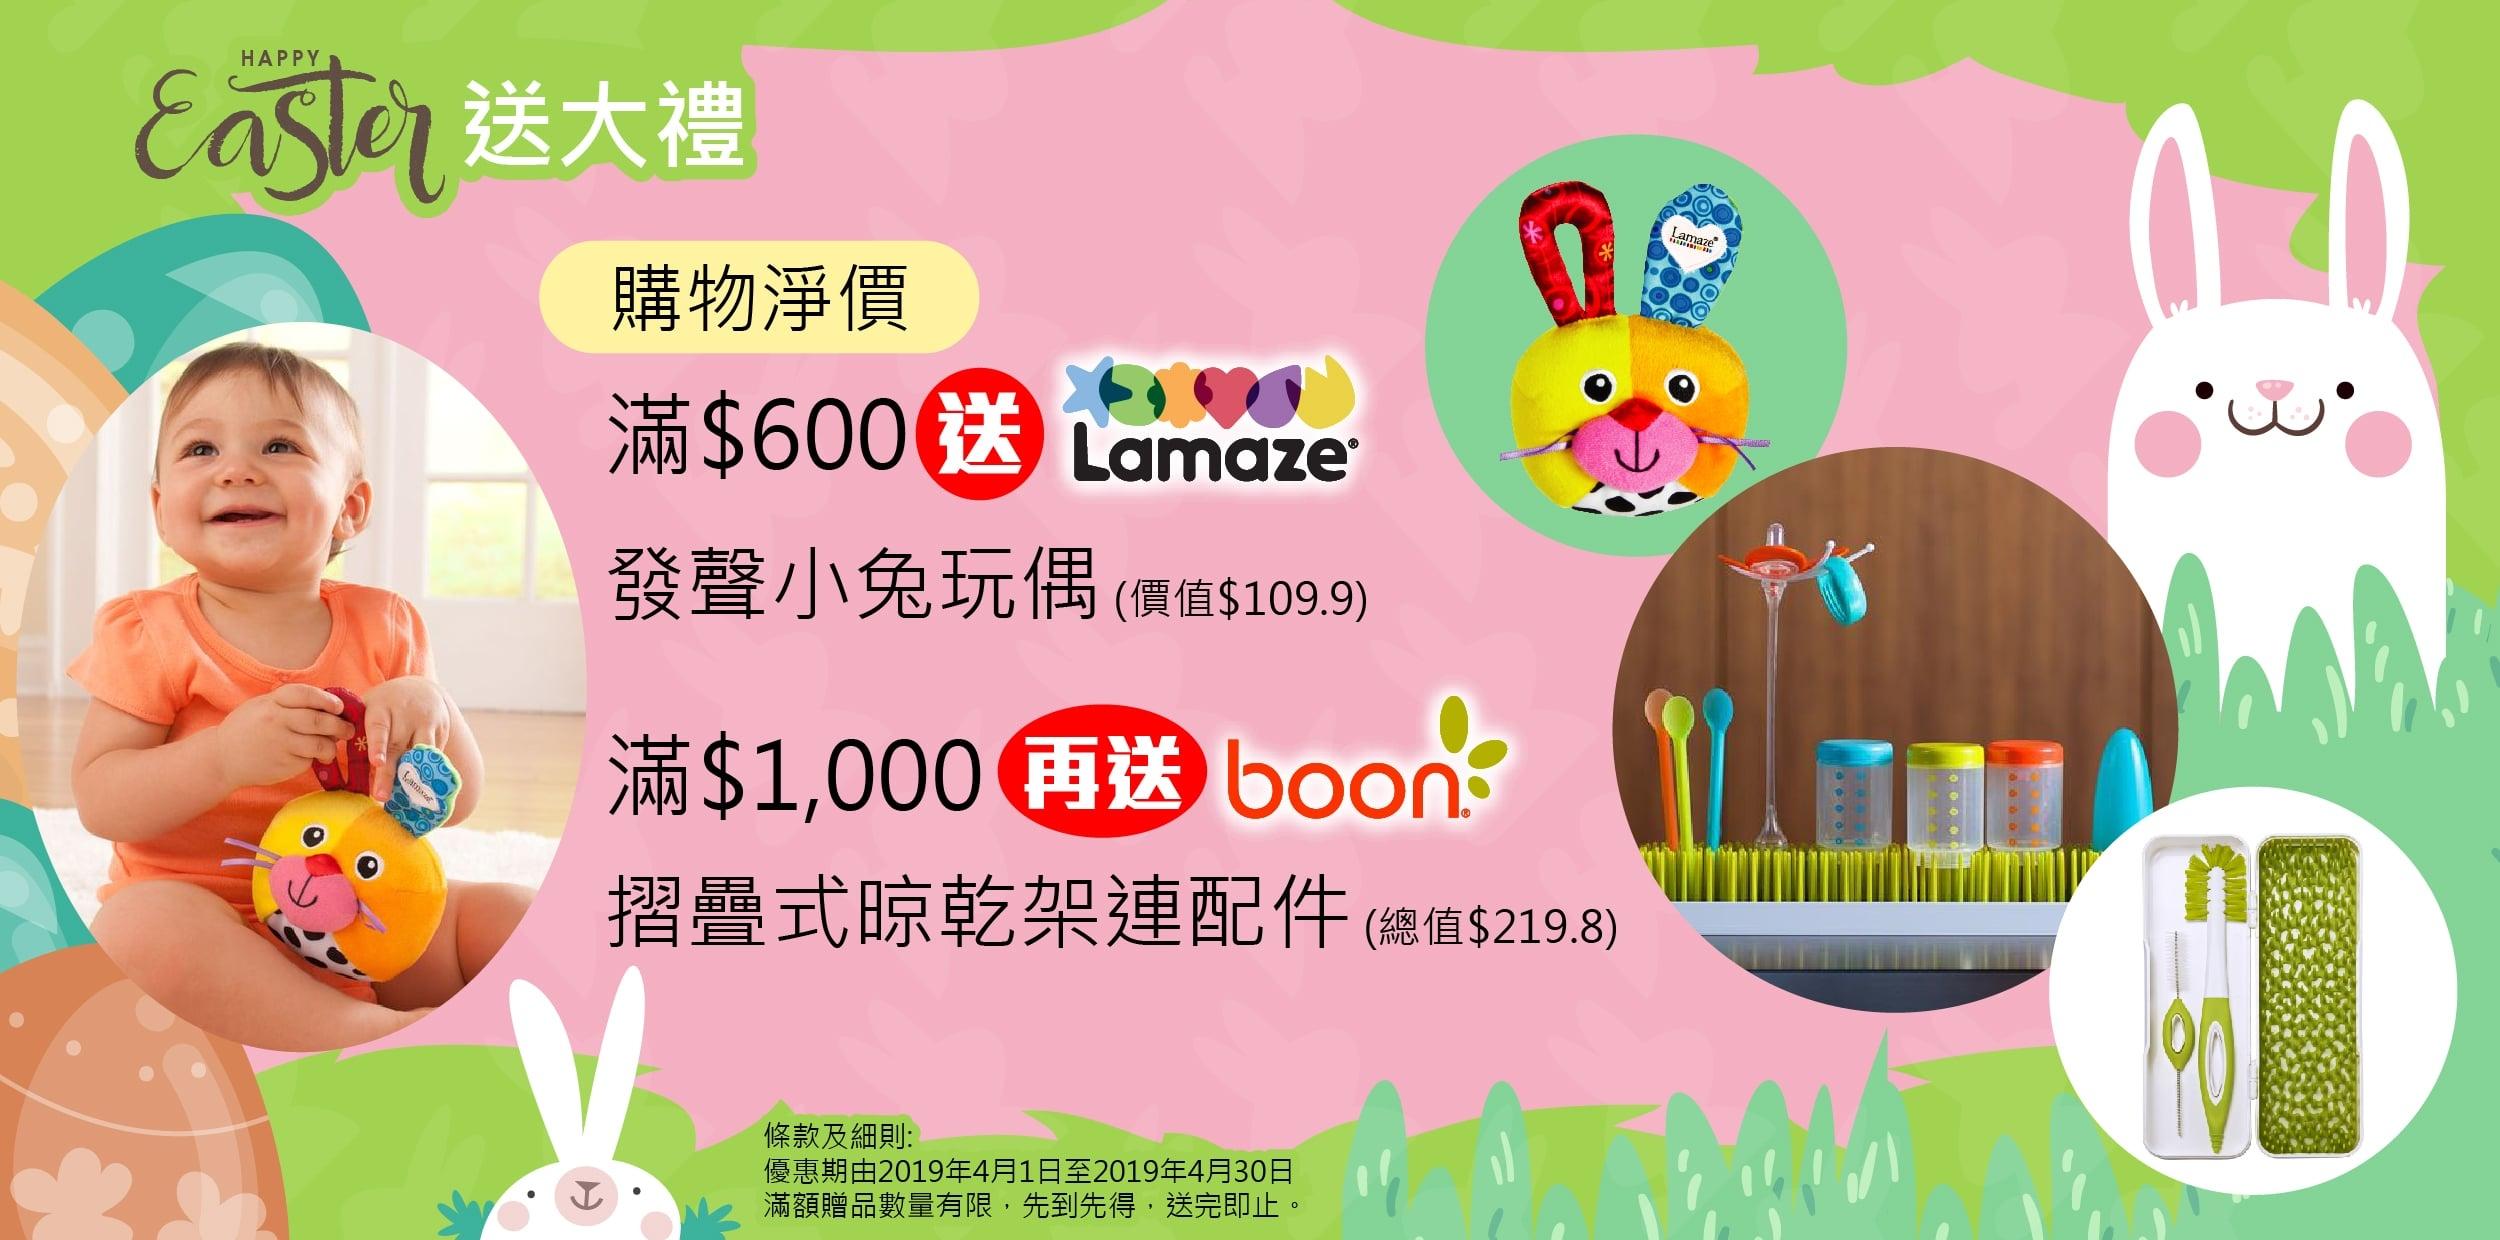 4月購物優惠_Lamaze小兔玩偶_Boon晾乾架